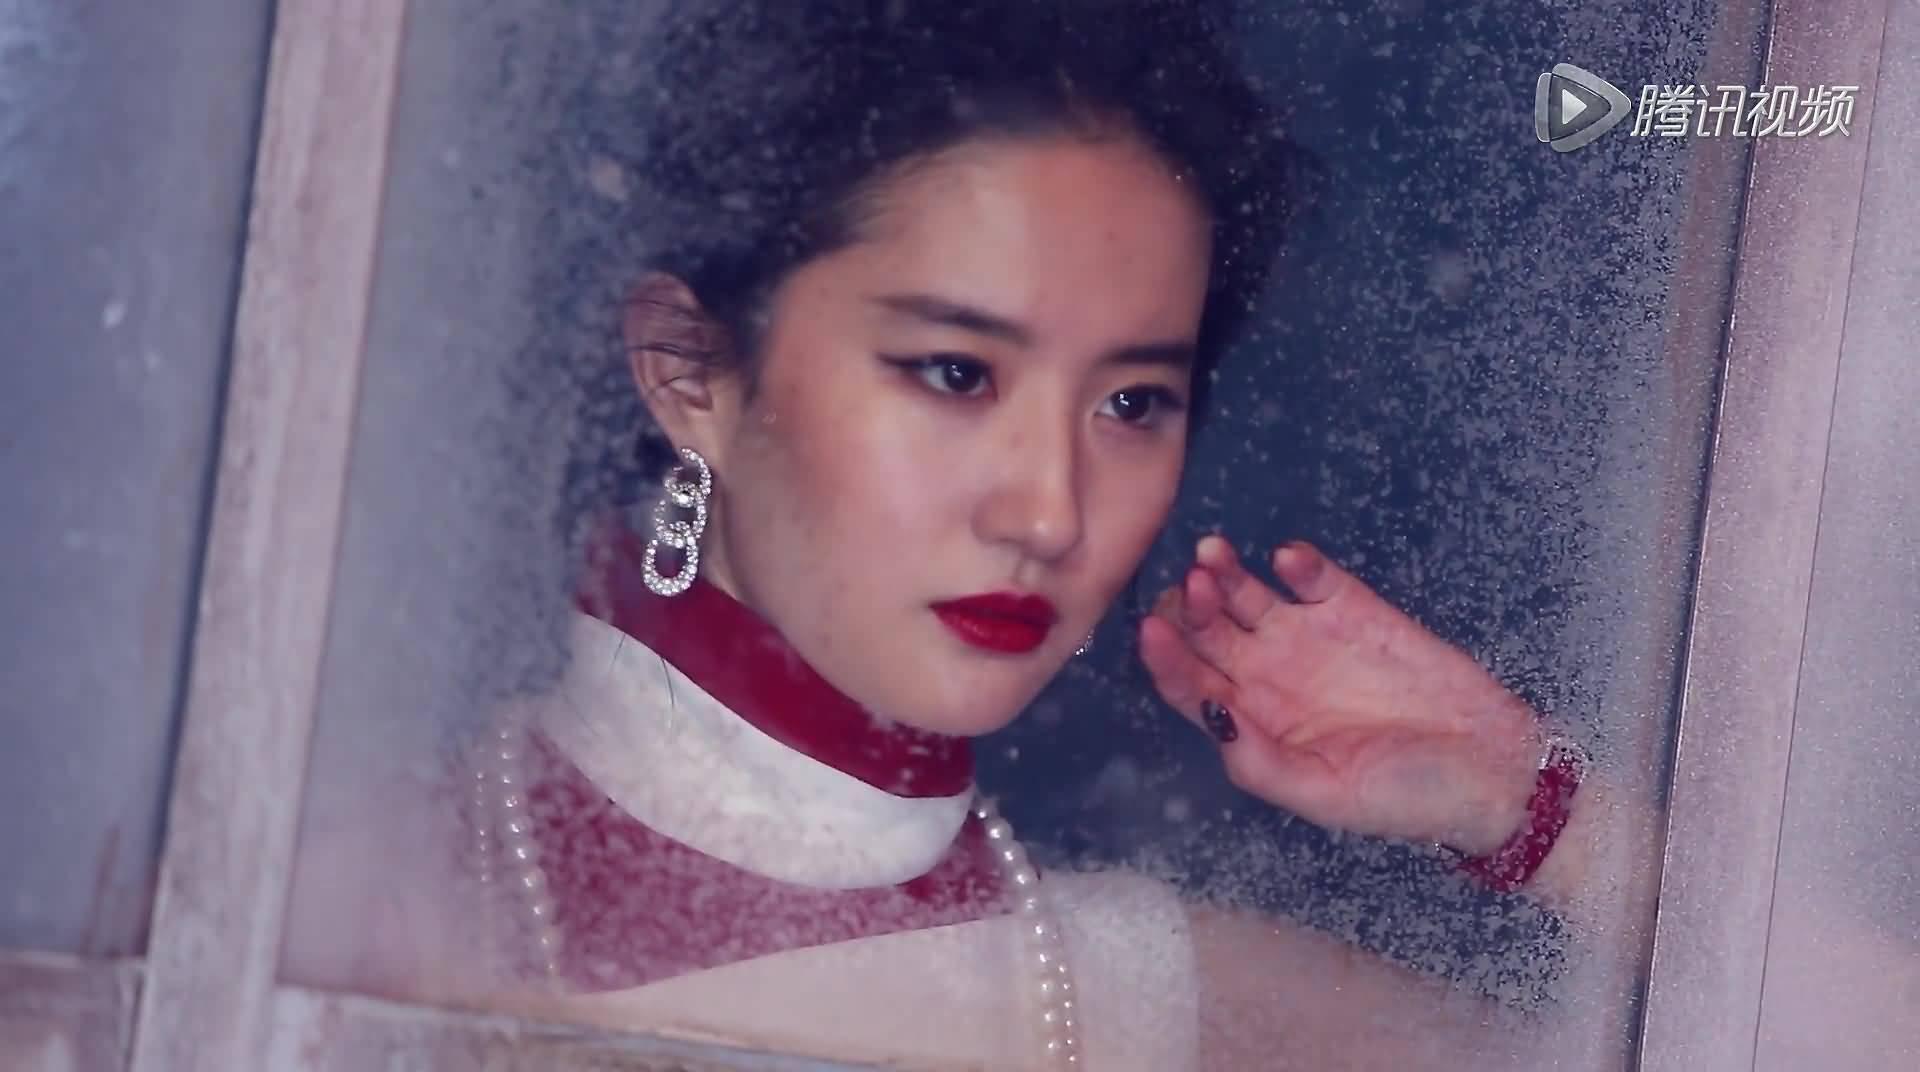 《瑞丽伊人风尚》花絮 《刘亦菲》[2015.11.25]